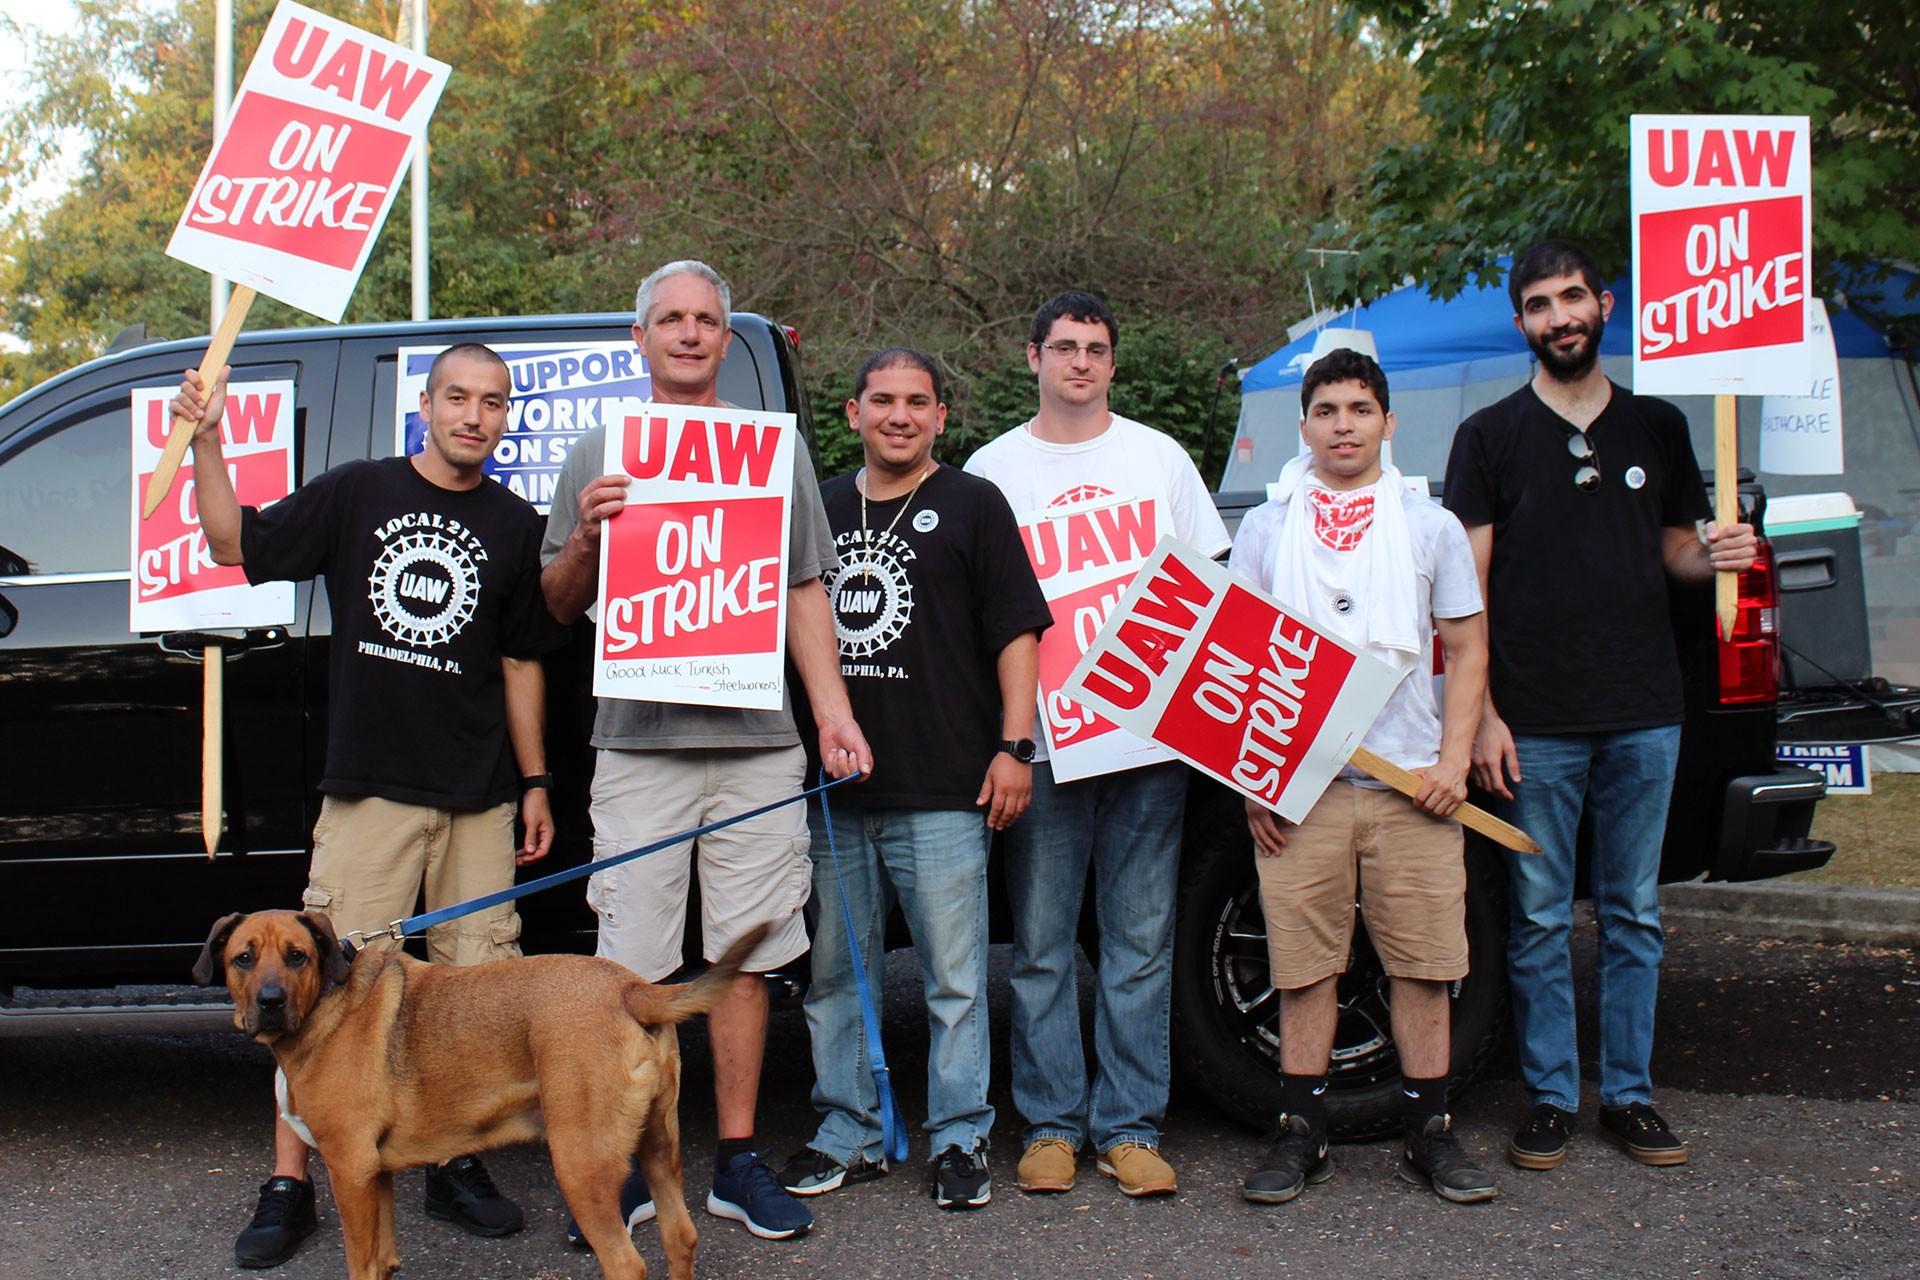 Ford işçileri, ABD'de grevde olan GM işçilerine Evrensel aracılığıyla seslendi